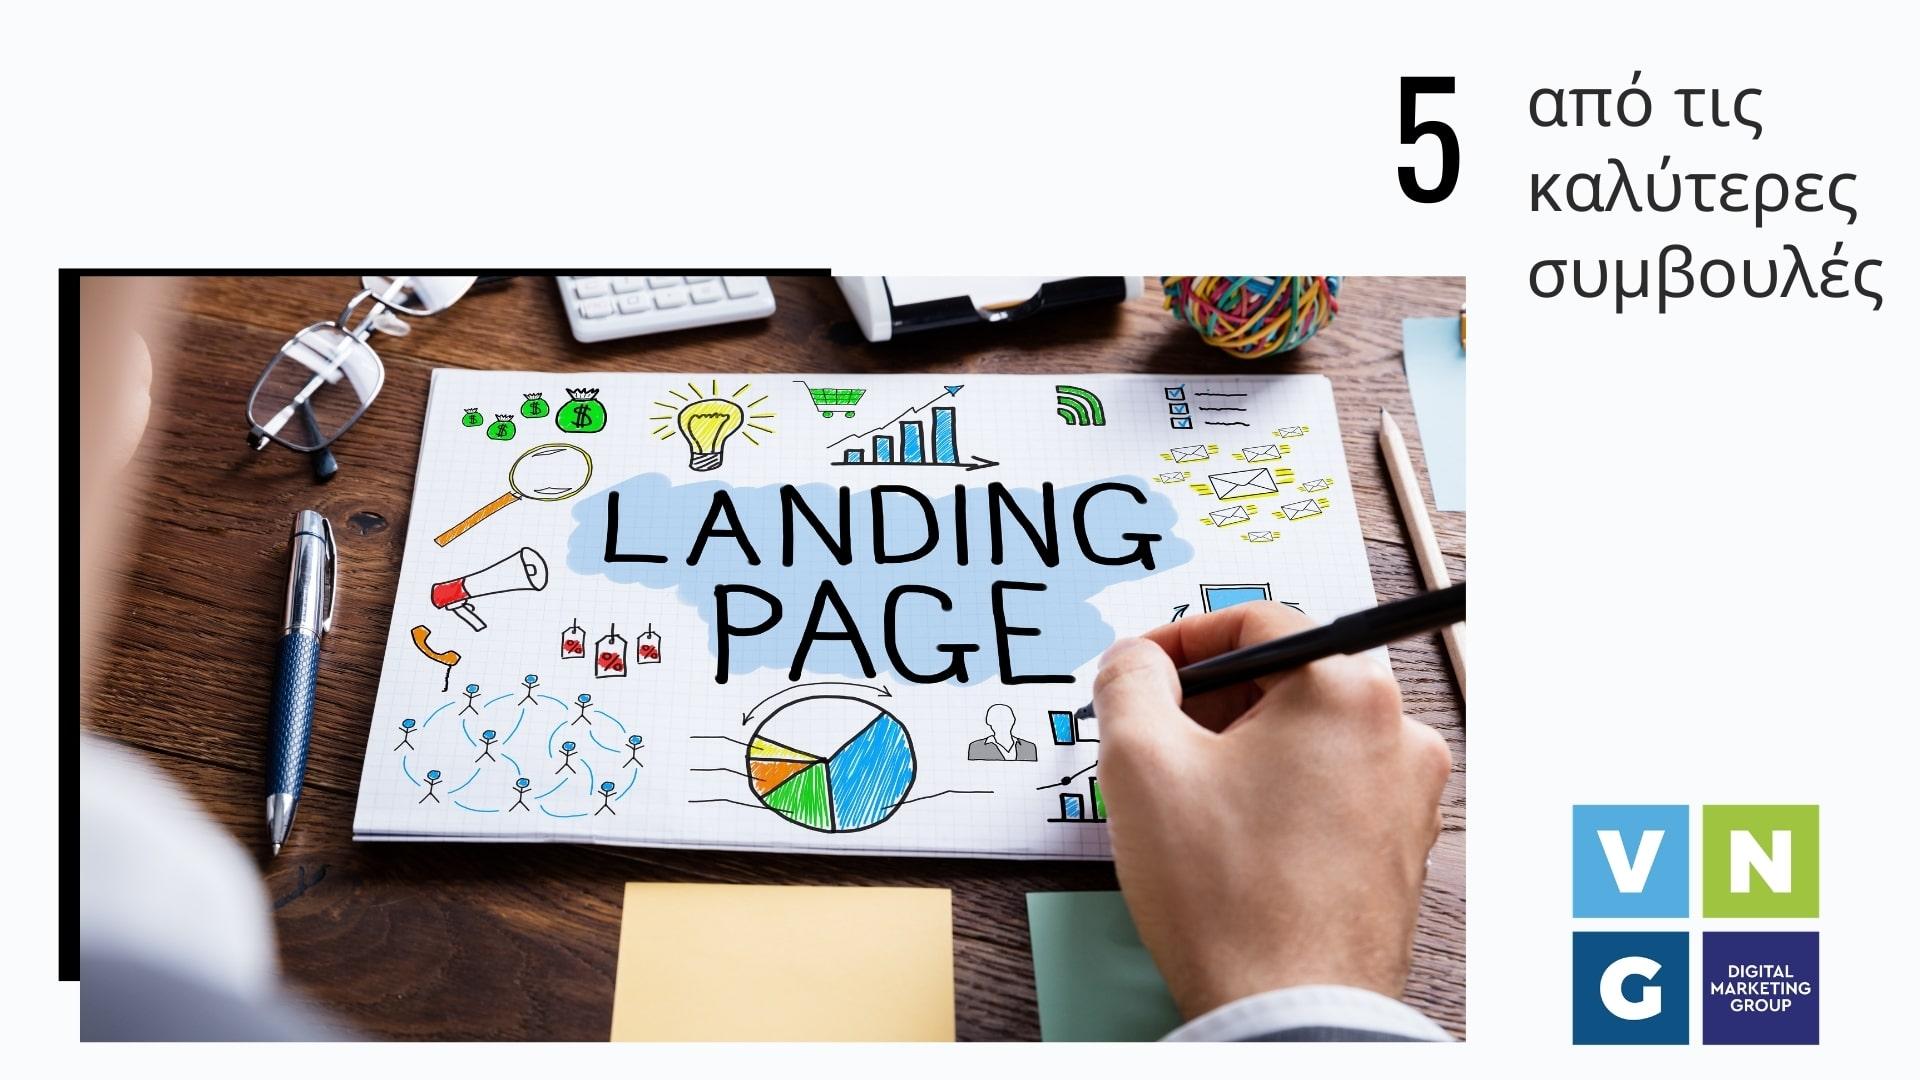 Οι 5 καλύτερες συμβουλές για μια αποτελεσματική landing page